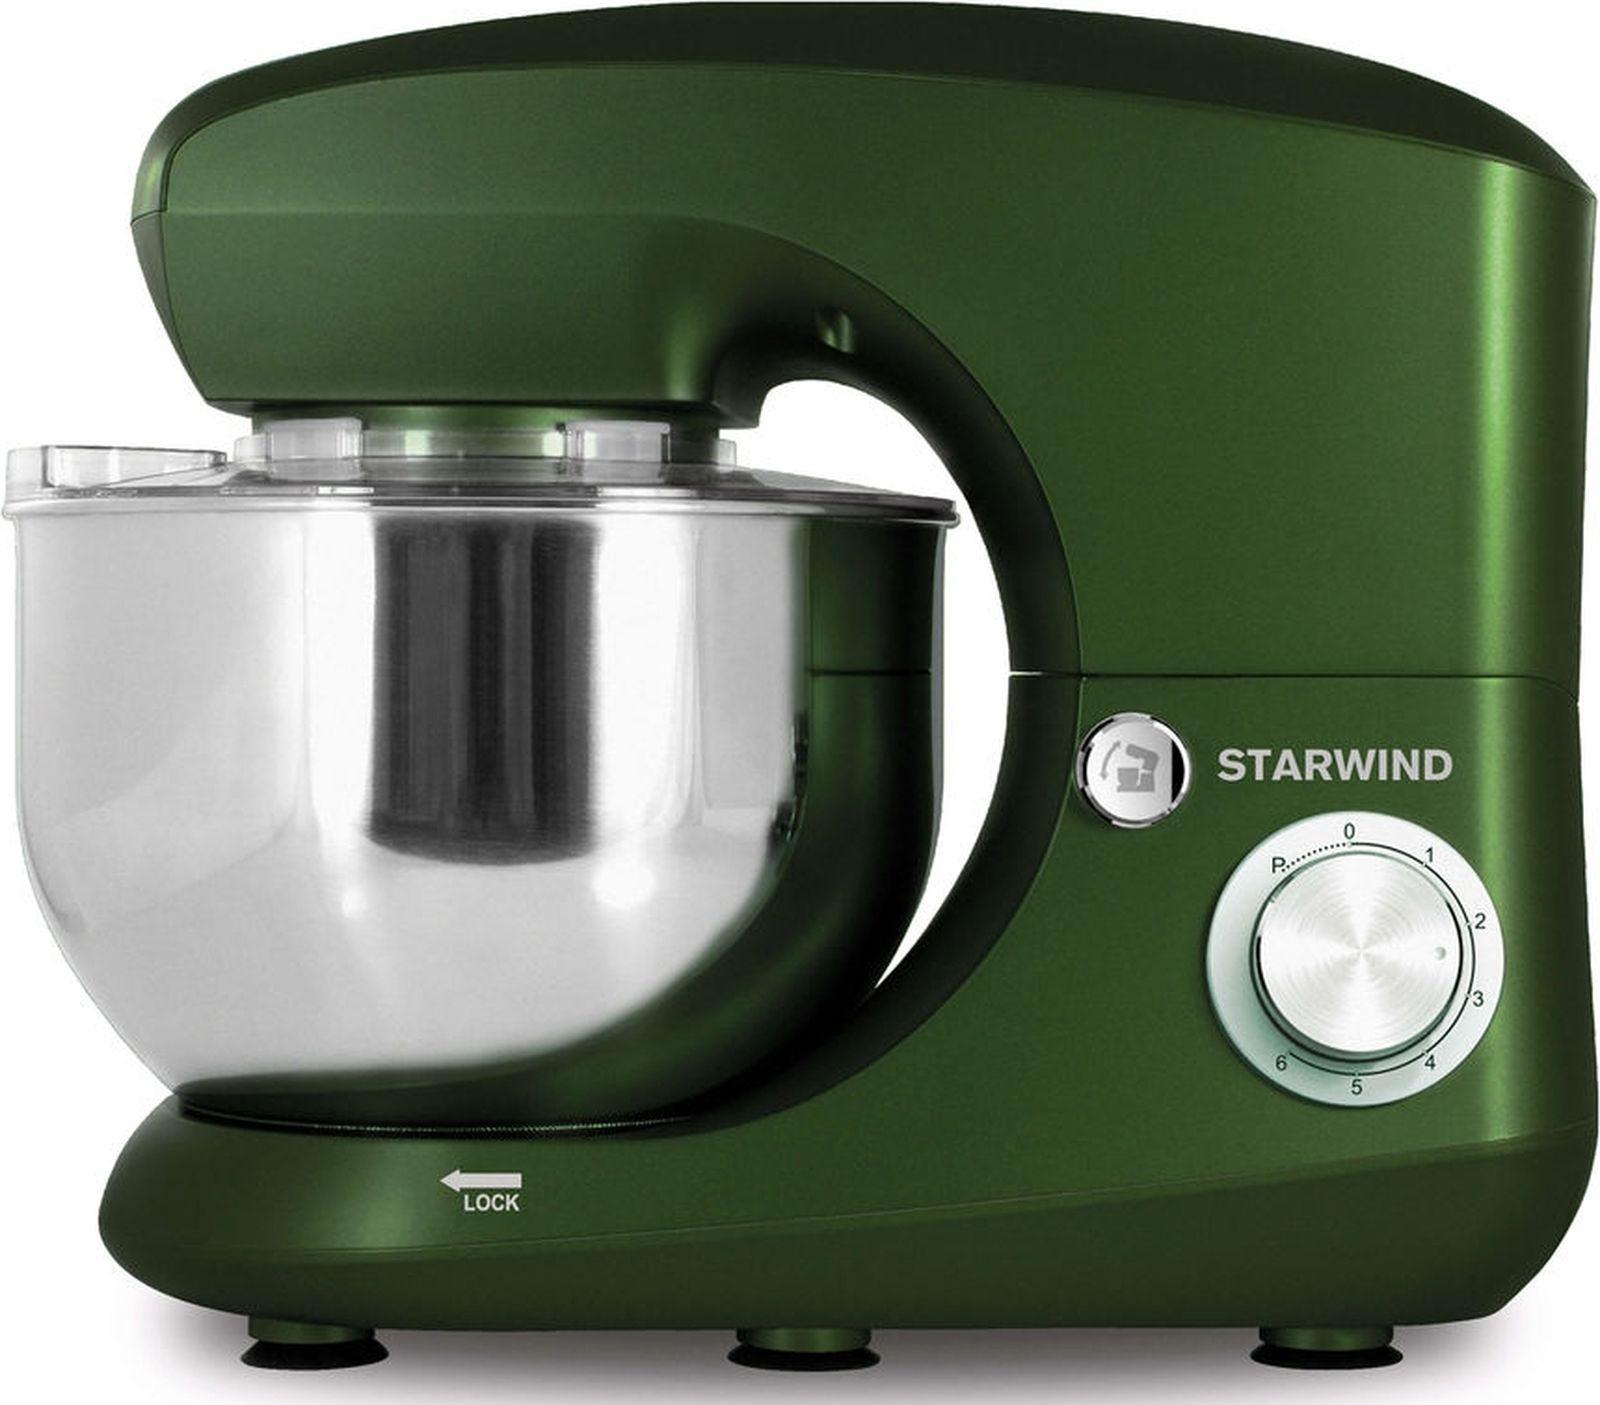 Миксер Starwind SPM5185 стационарный, 1033615, зеленый, 1000 Вт цена и фото